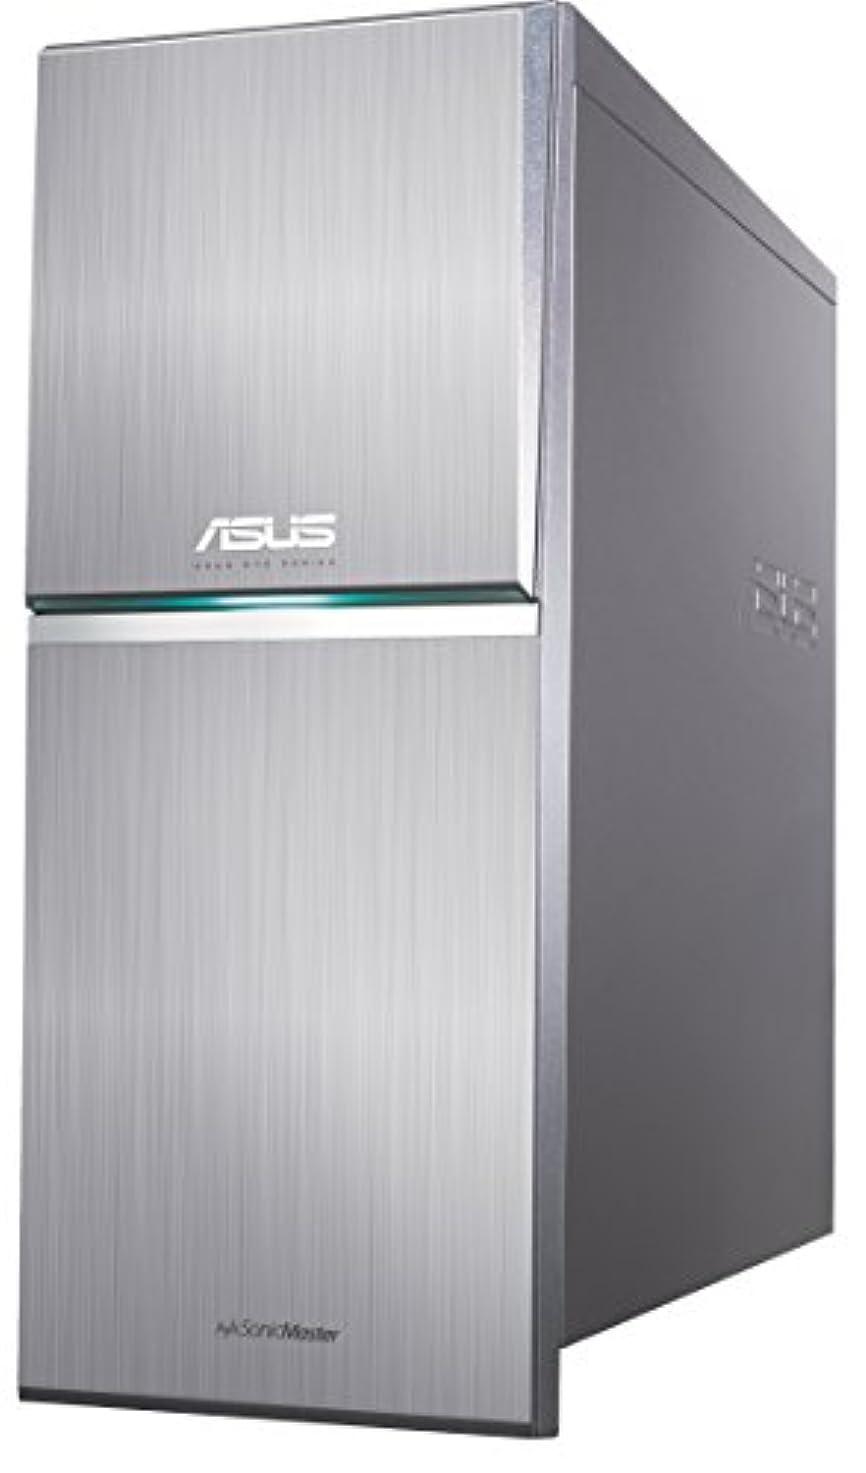 第二緊張捧げるASUS デスクトップ M70AD ( WIN8.1 64Bit / シルバー / i5-4460 / 4GB / 1TB / NV GT740 / VRAM 4GB / ブルーレイディスクドライブ / BT4.0 / ブラック ) M70AD-I54460